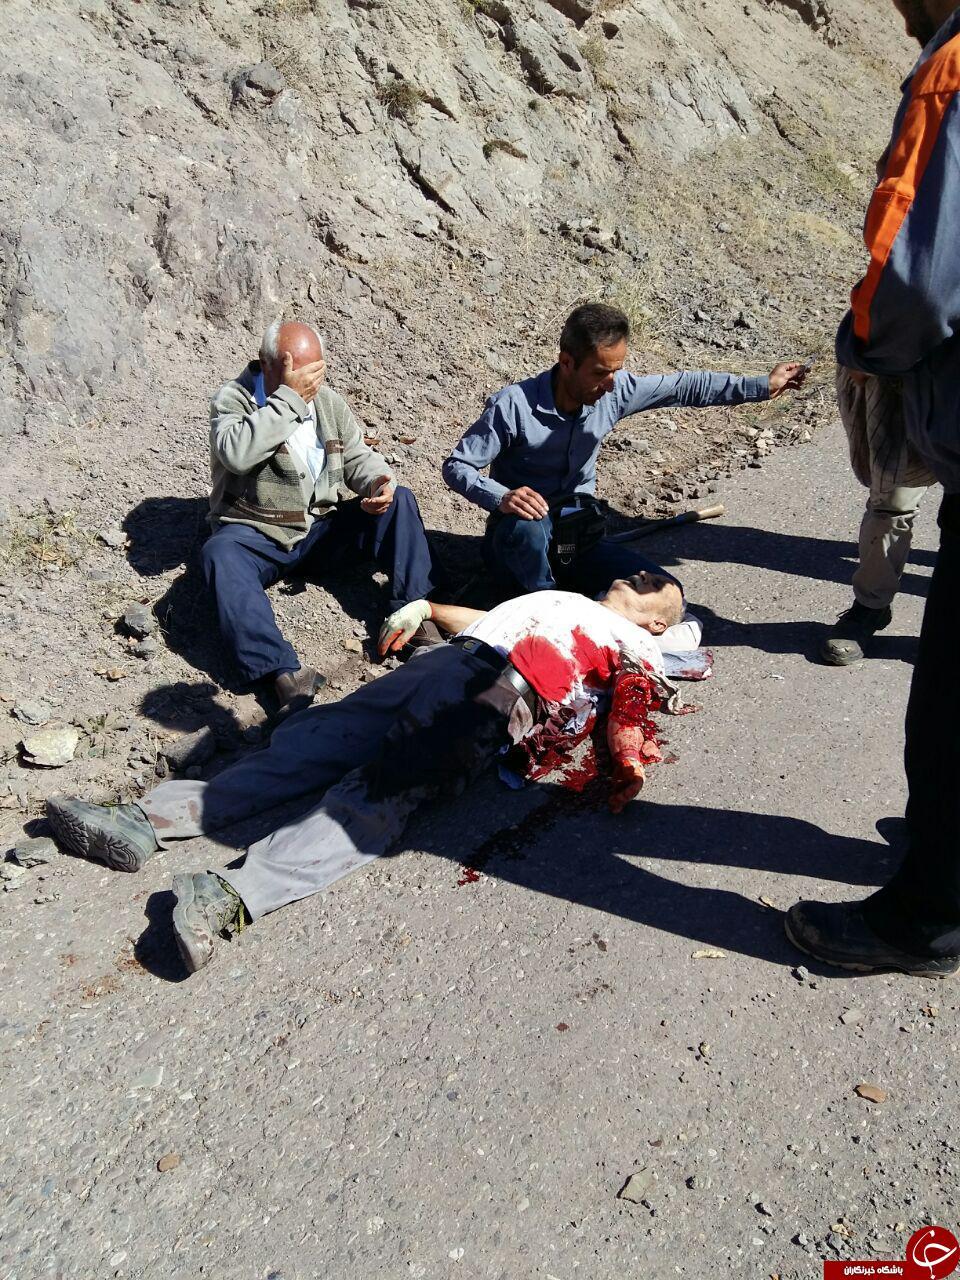 نبرد خونین مرد الموتی با یک قلاده خرس + تصاویر (18+)